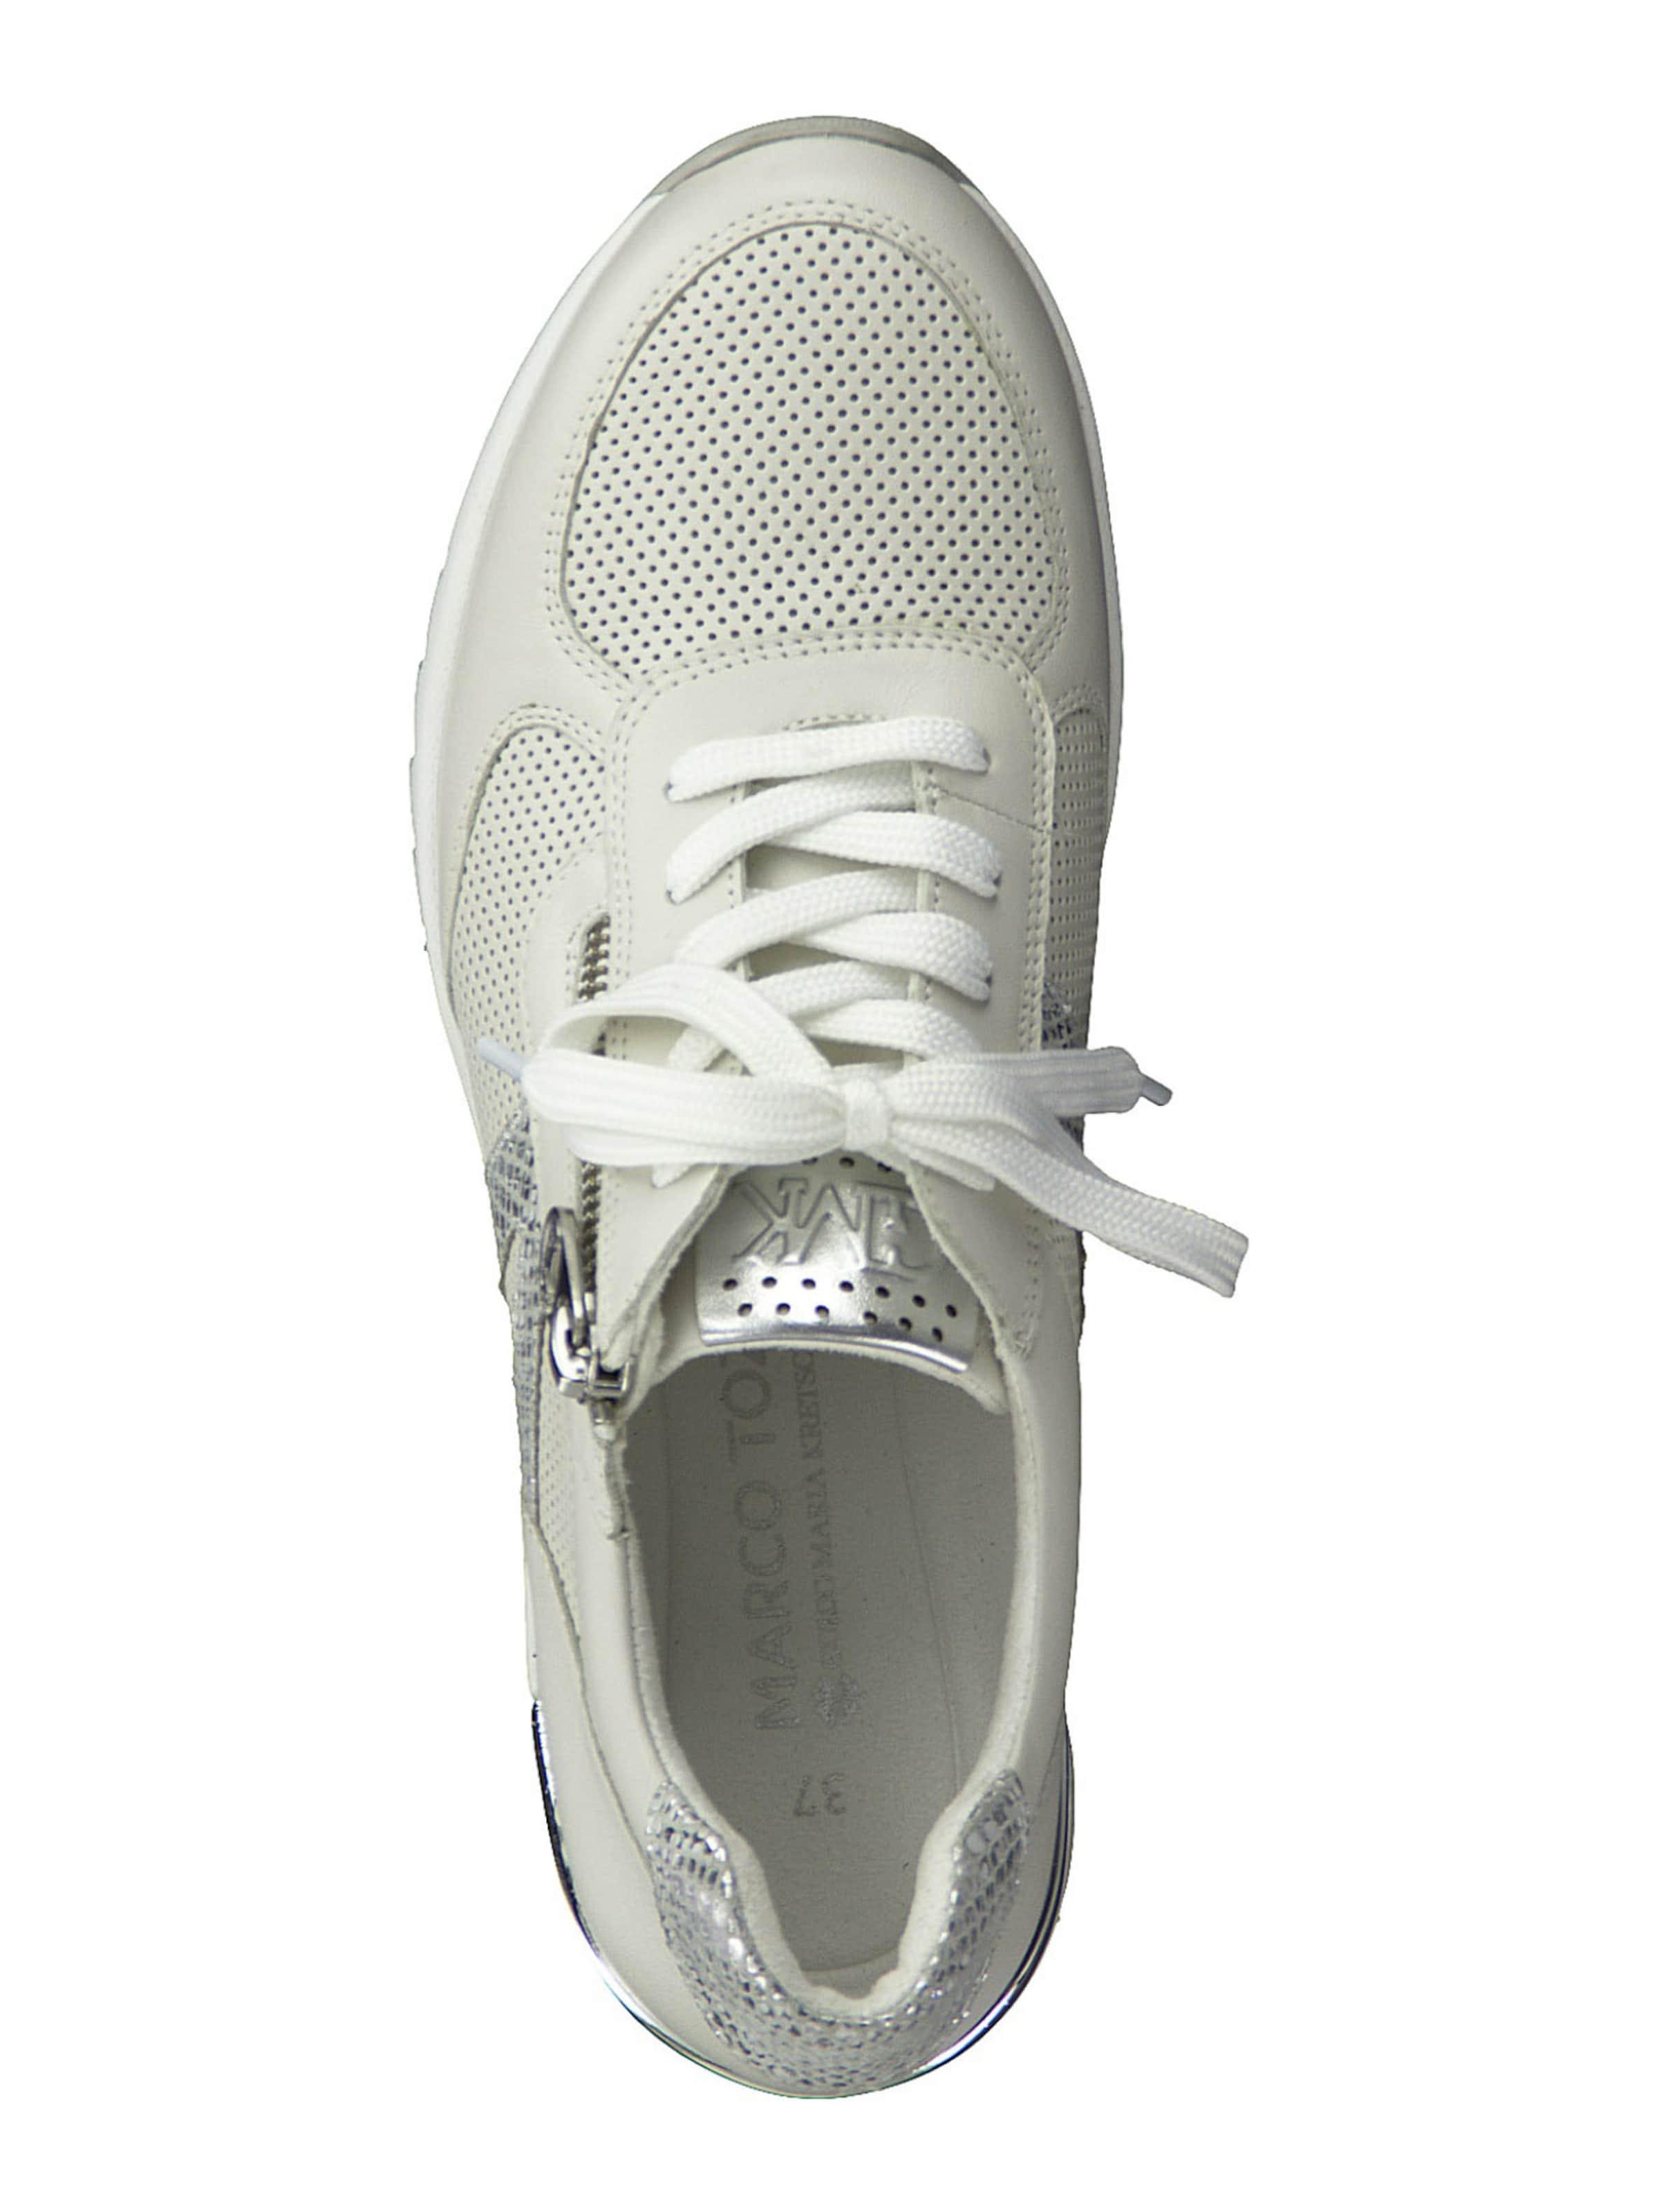 MARCO TOZZI by GUIDO MARIA KRETSCHMER Rövid szárú edzőcipők ezüst / fehér színben